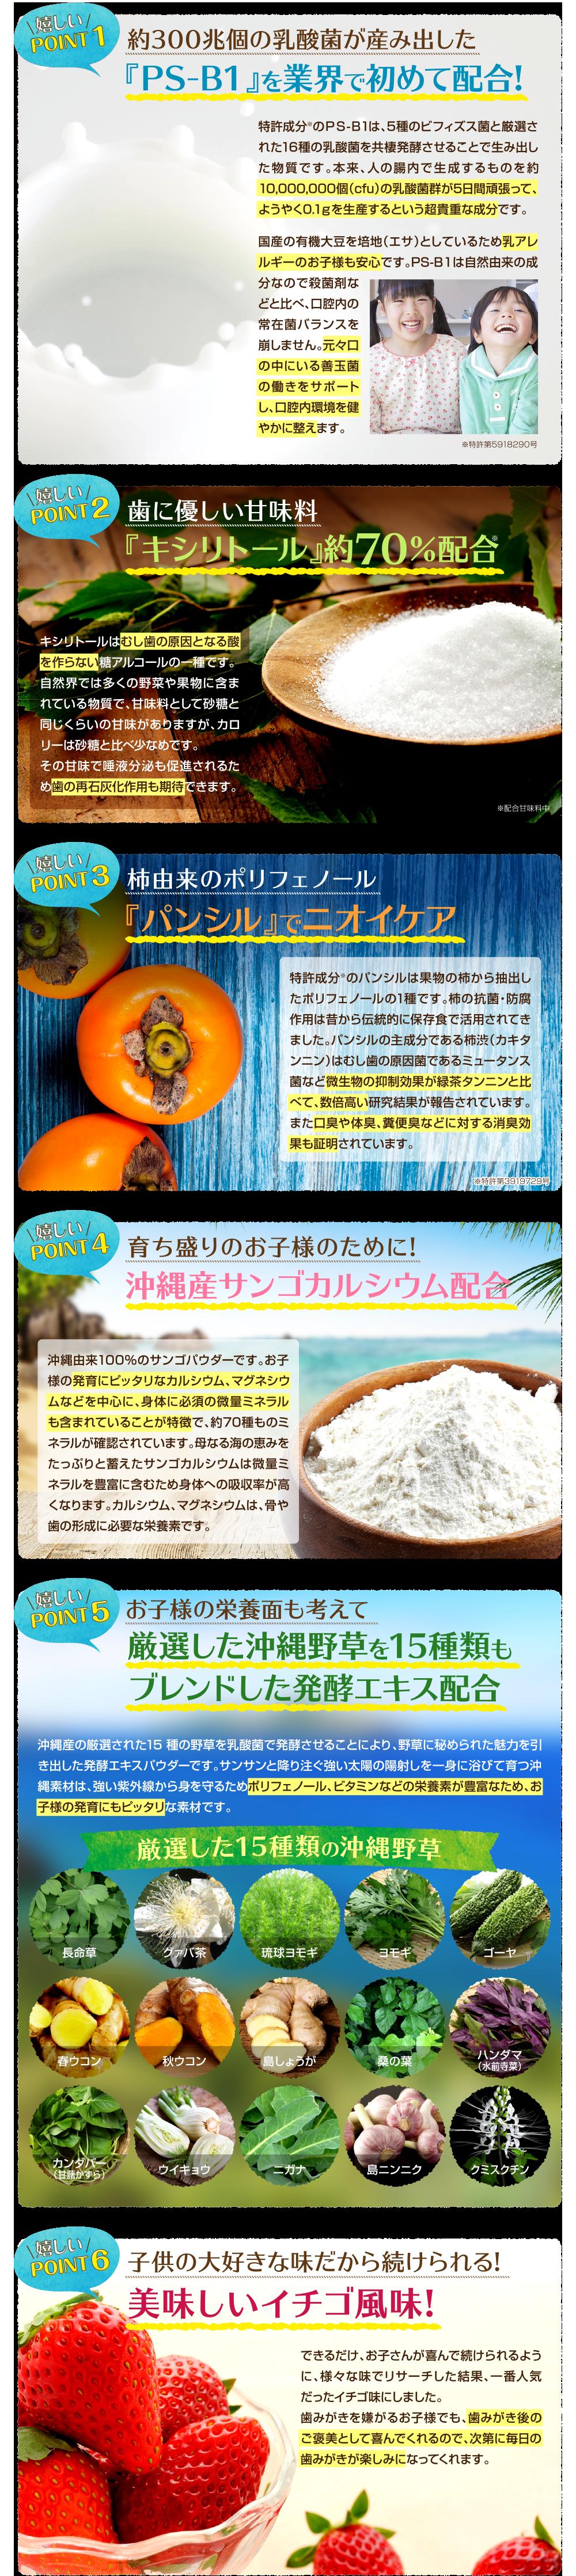 嬉しいPOINT1 約300兆個の乳酸菌が産み出した「PS-B1」を業界で初めて配合! 嬉しいPOINT2 歯に優しい甘味料「キシリトール」約70%配合 嬉しいPOINT3 柿由来のポリフェノール「パンシル」でニオイケア 嬉しいPOINT4 育ち盛りのお子様のために!沖縄産サンゴカルシウム配合 嬉しいPOINT5 お子様の栄養面も考えて厳選した沖縄野菜を15種類もブレンドした発酵エキス配合 嬉しいPOINT6 子供の大好きな味だから続けられる!美味しいイチゴ風味!